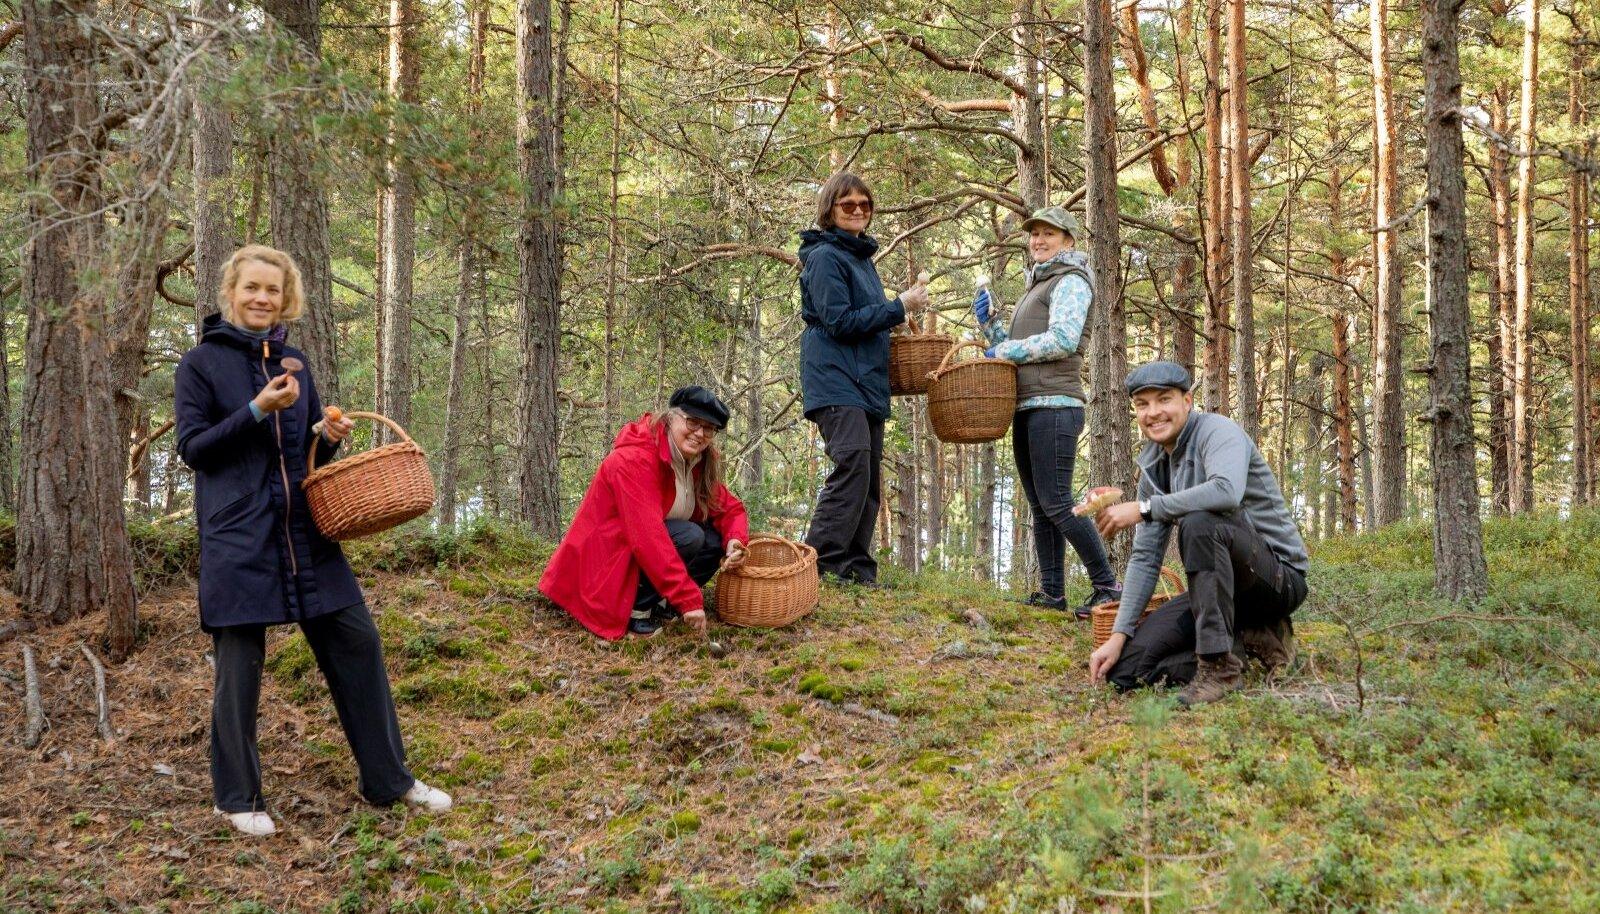 Seenelkäimine, nagu pildilt näha, pole üksnes toitev või näitust täitev tegevus, vaid ka suisa maaliline. Meremõisas on jäädvustatud loodusmuuseumi seenenäituse tarvis eksponaate kogunud (vasakult) Heidi Jõks, Jana-Maria Habicht, Loore Ehrlich, Karin Truuver ja Sander Olo.